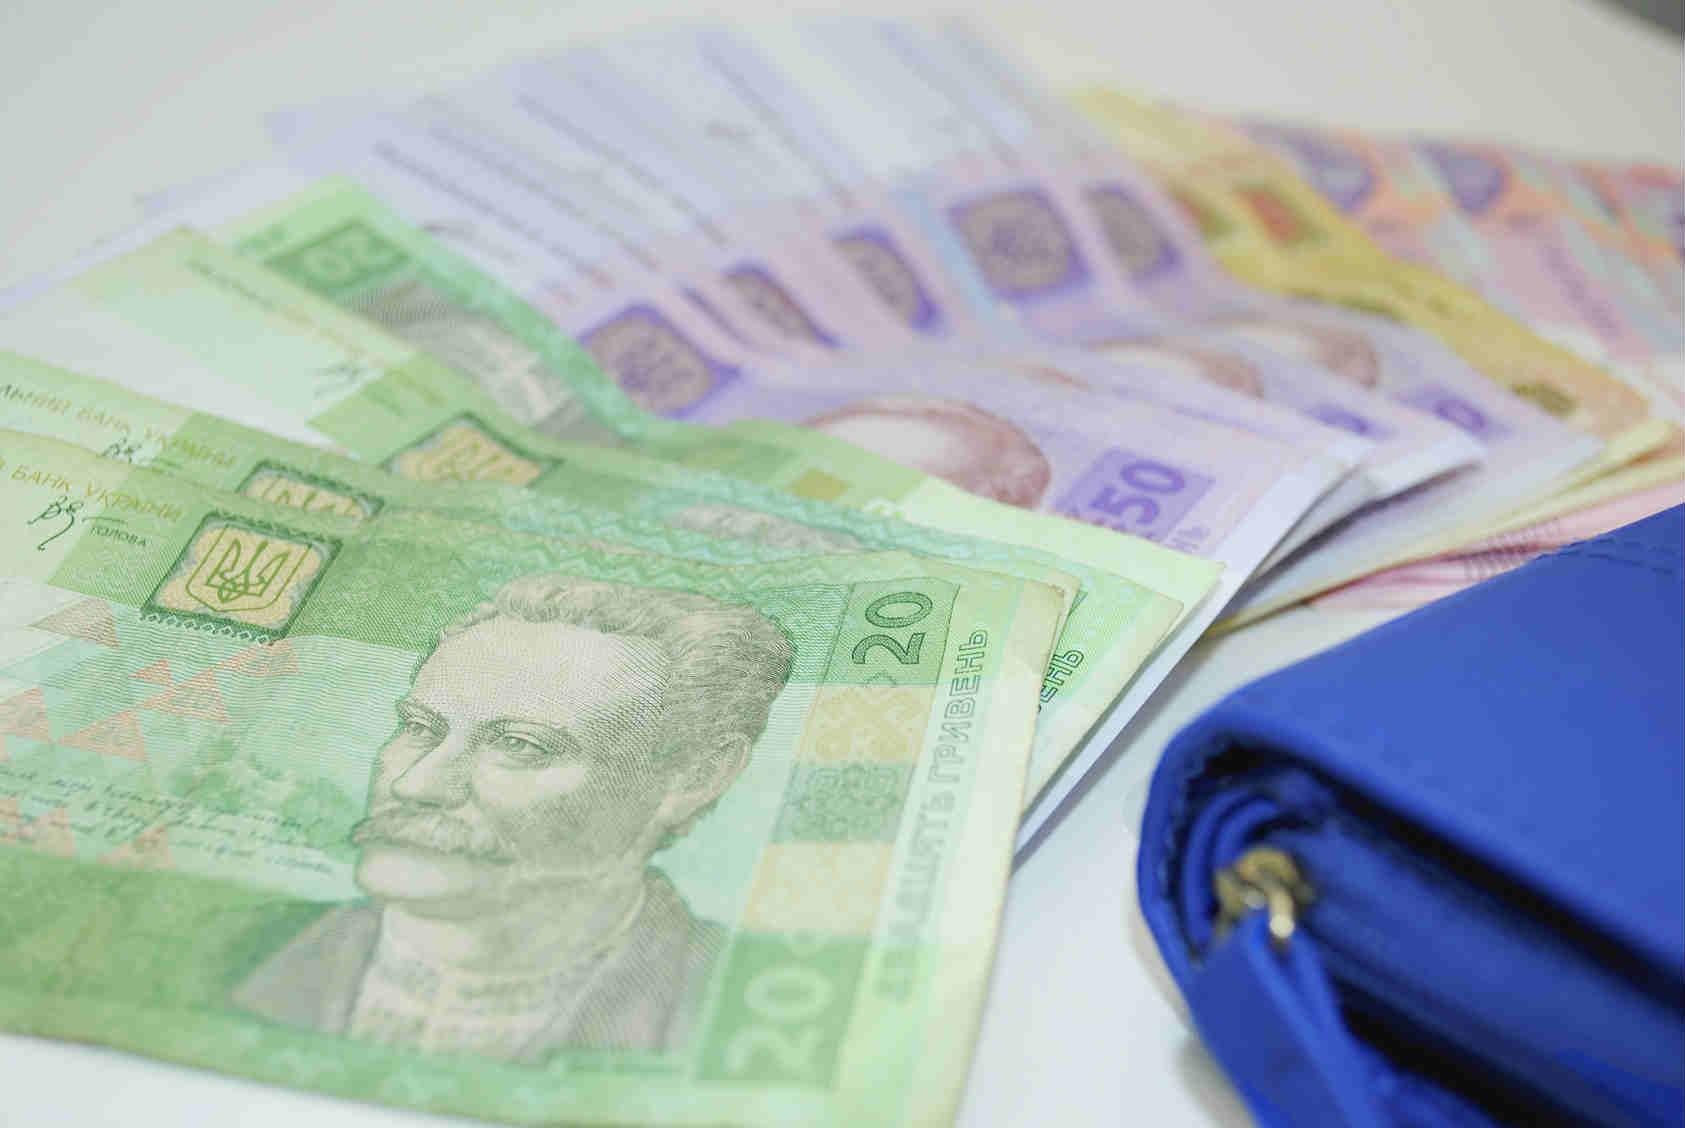 Moneyveo - срочные кредиты онлайн на карту до 10000 грн